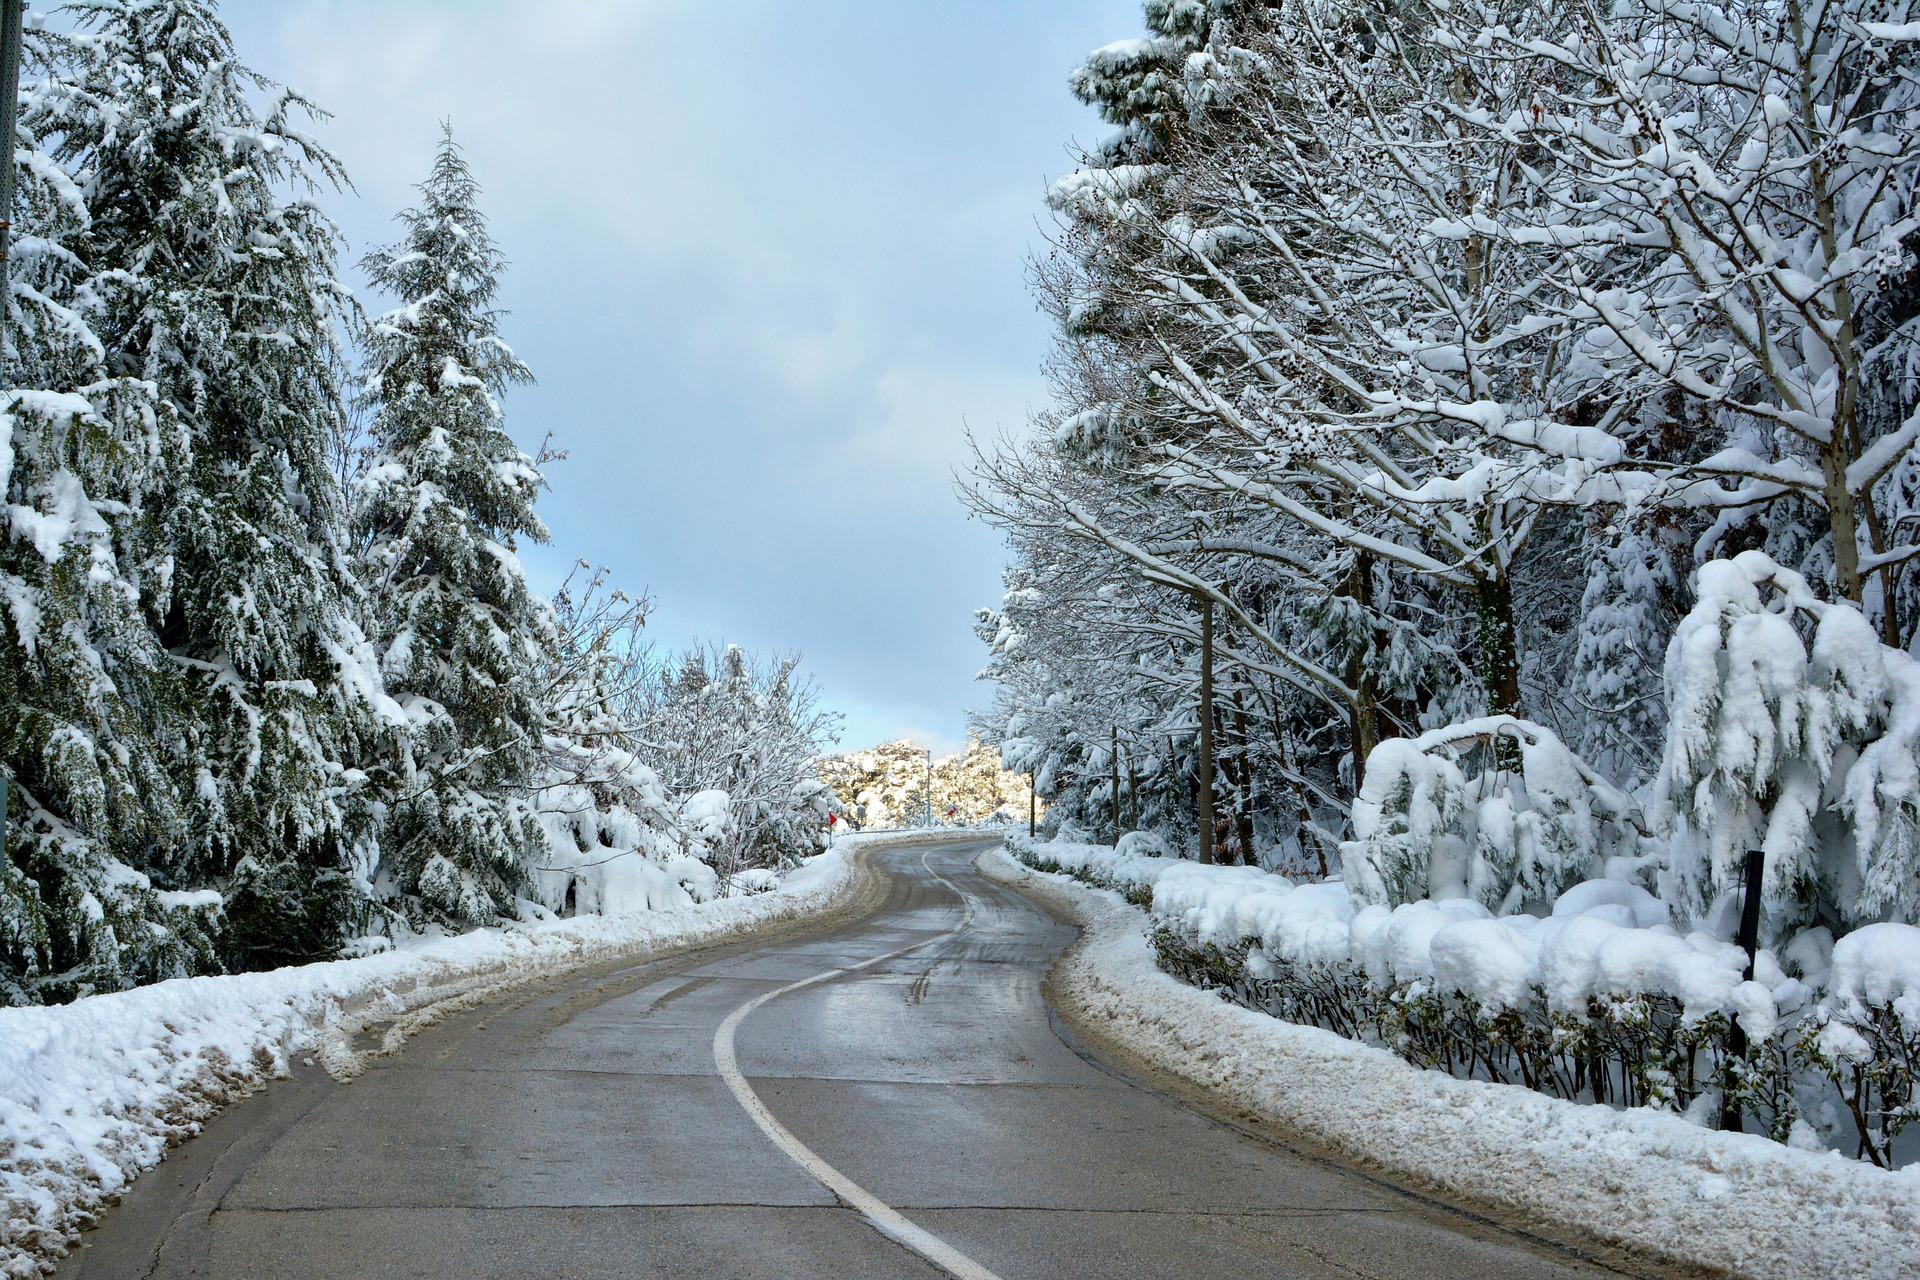 kia jarmon snow day